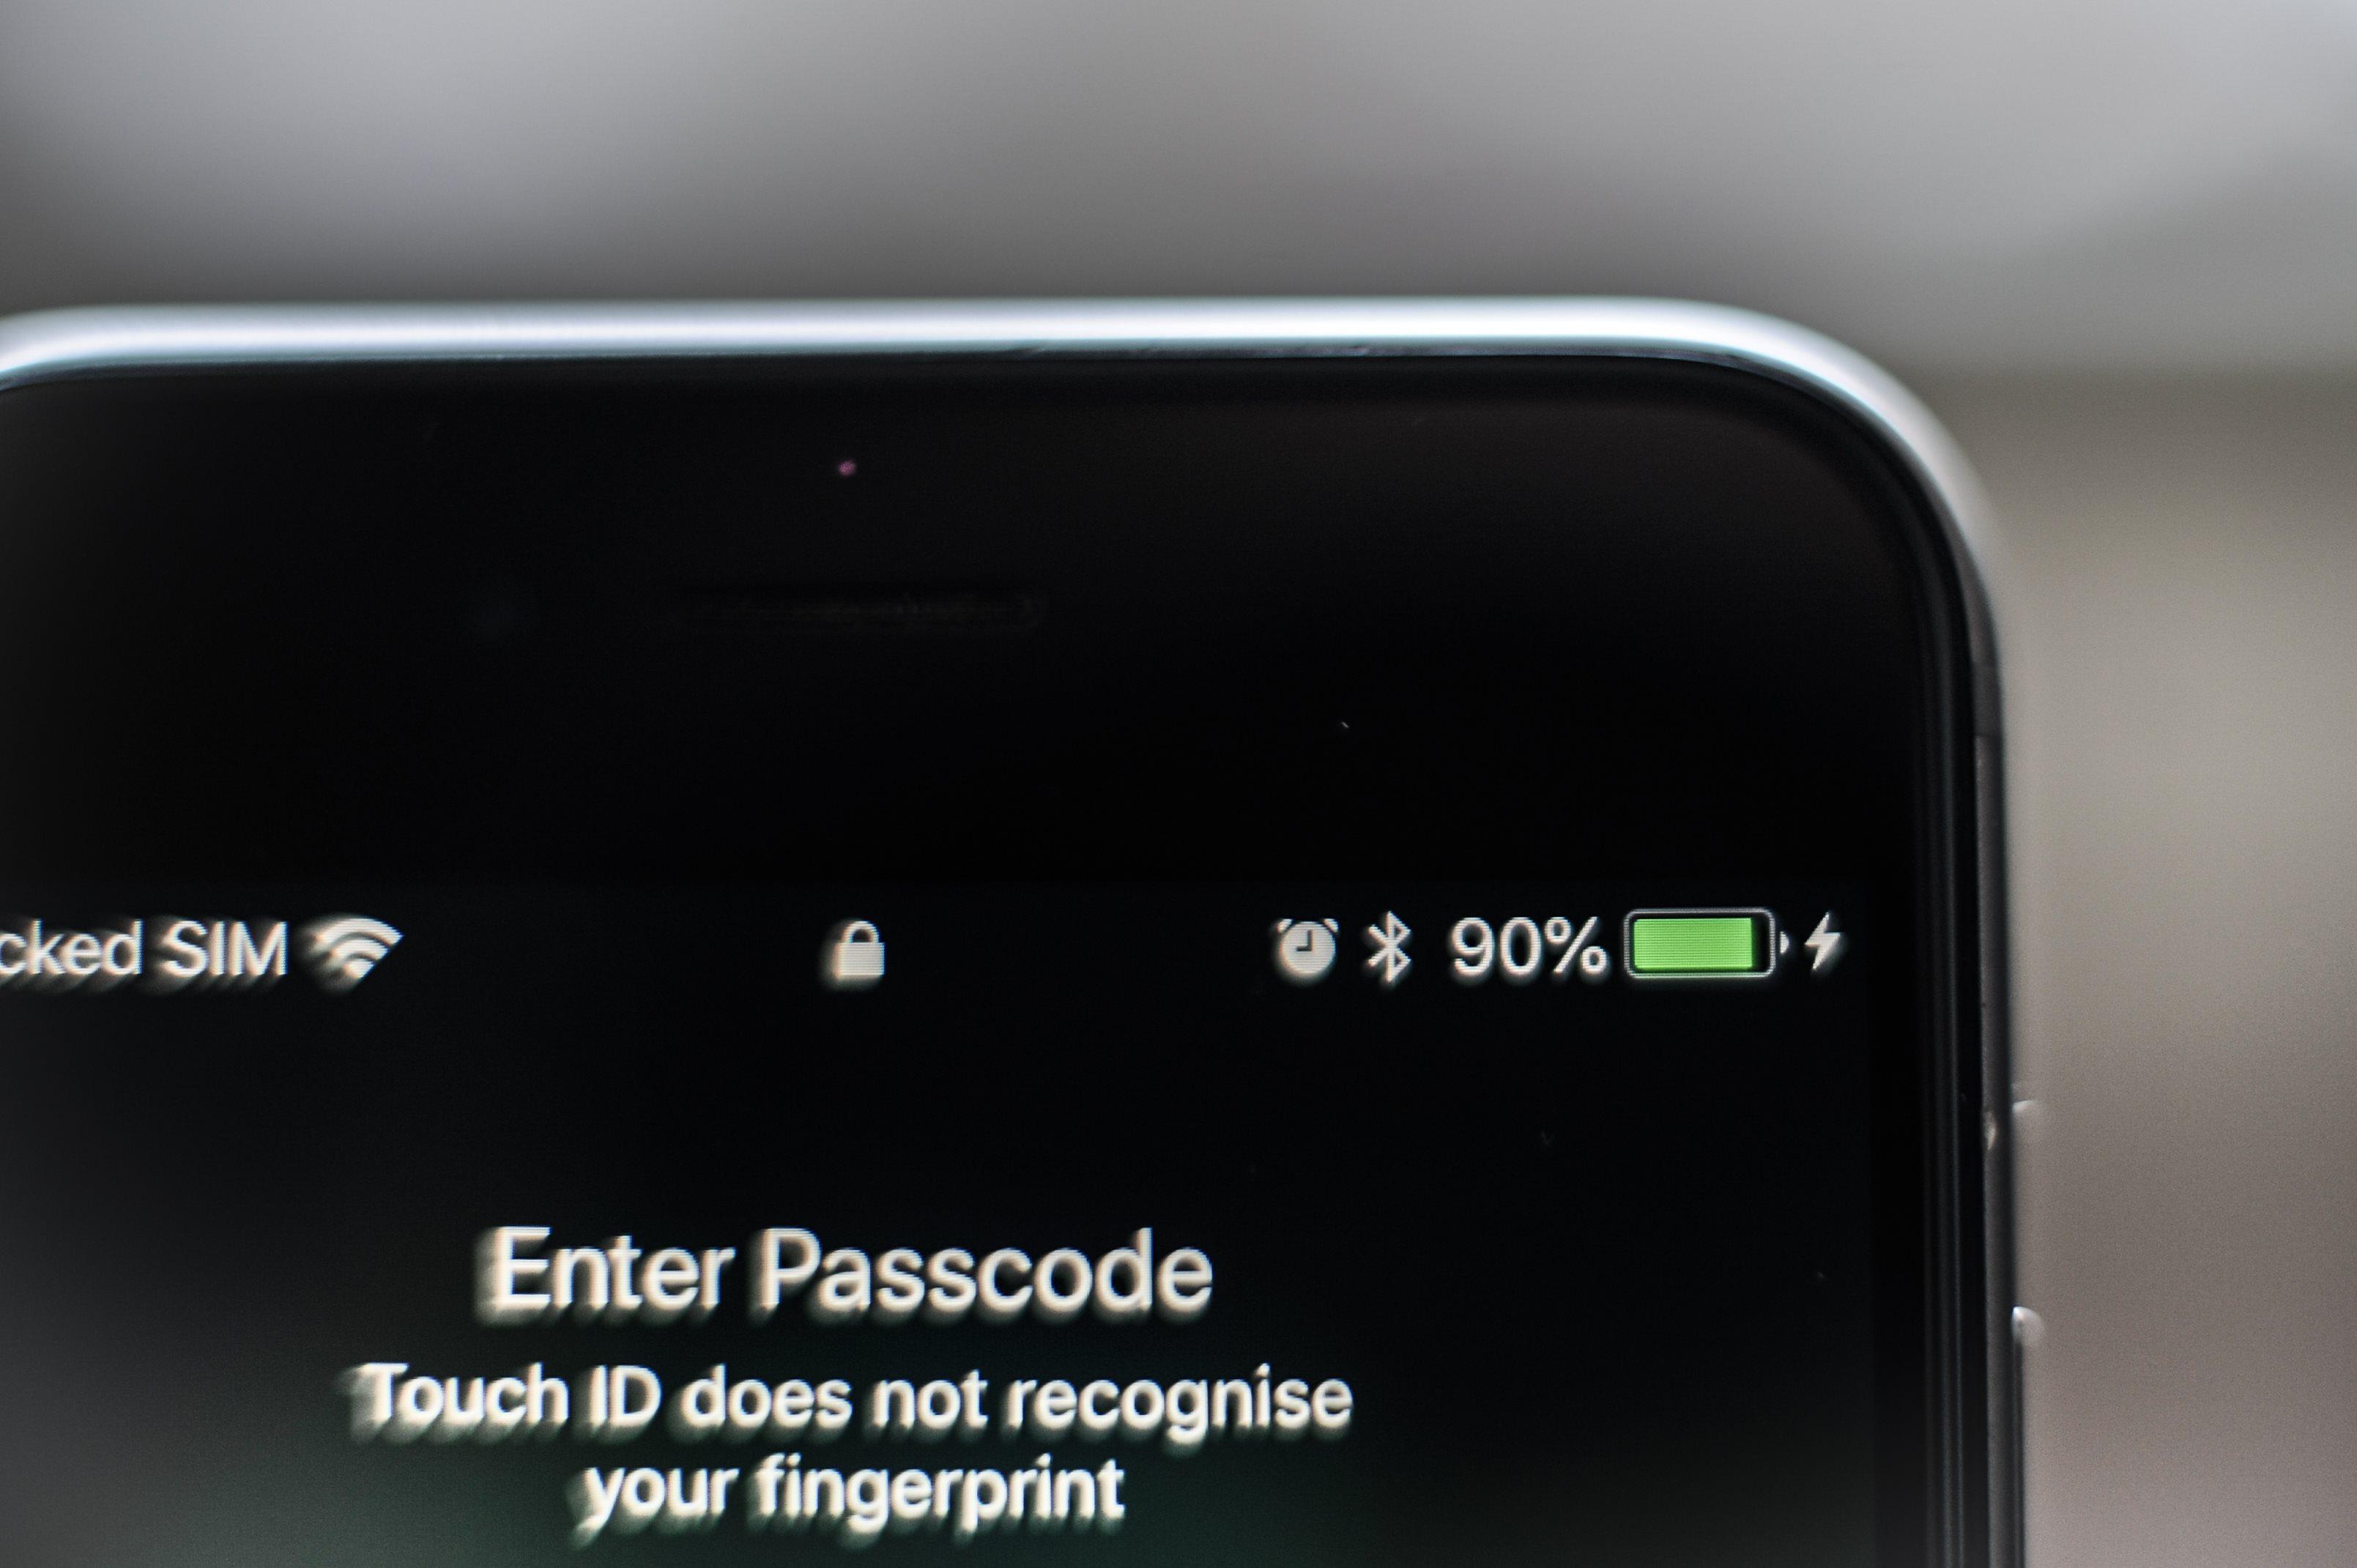 Comment connaître l'état de la batterie de ton iPhone et son nombre de cycle? - newsmonkey FR